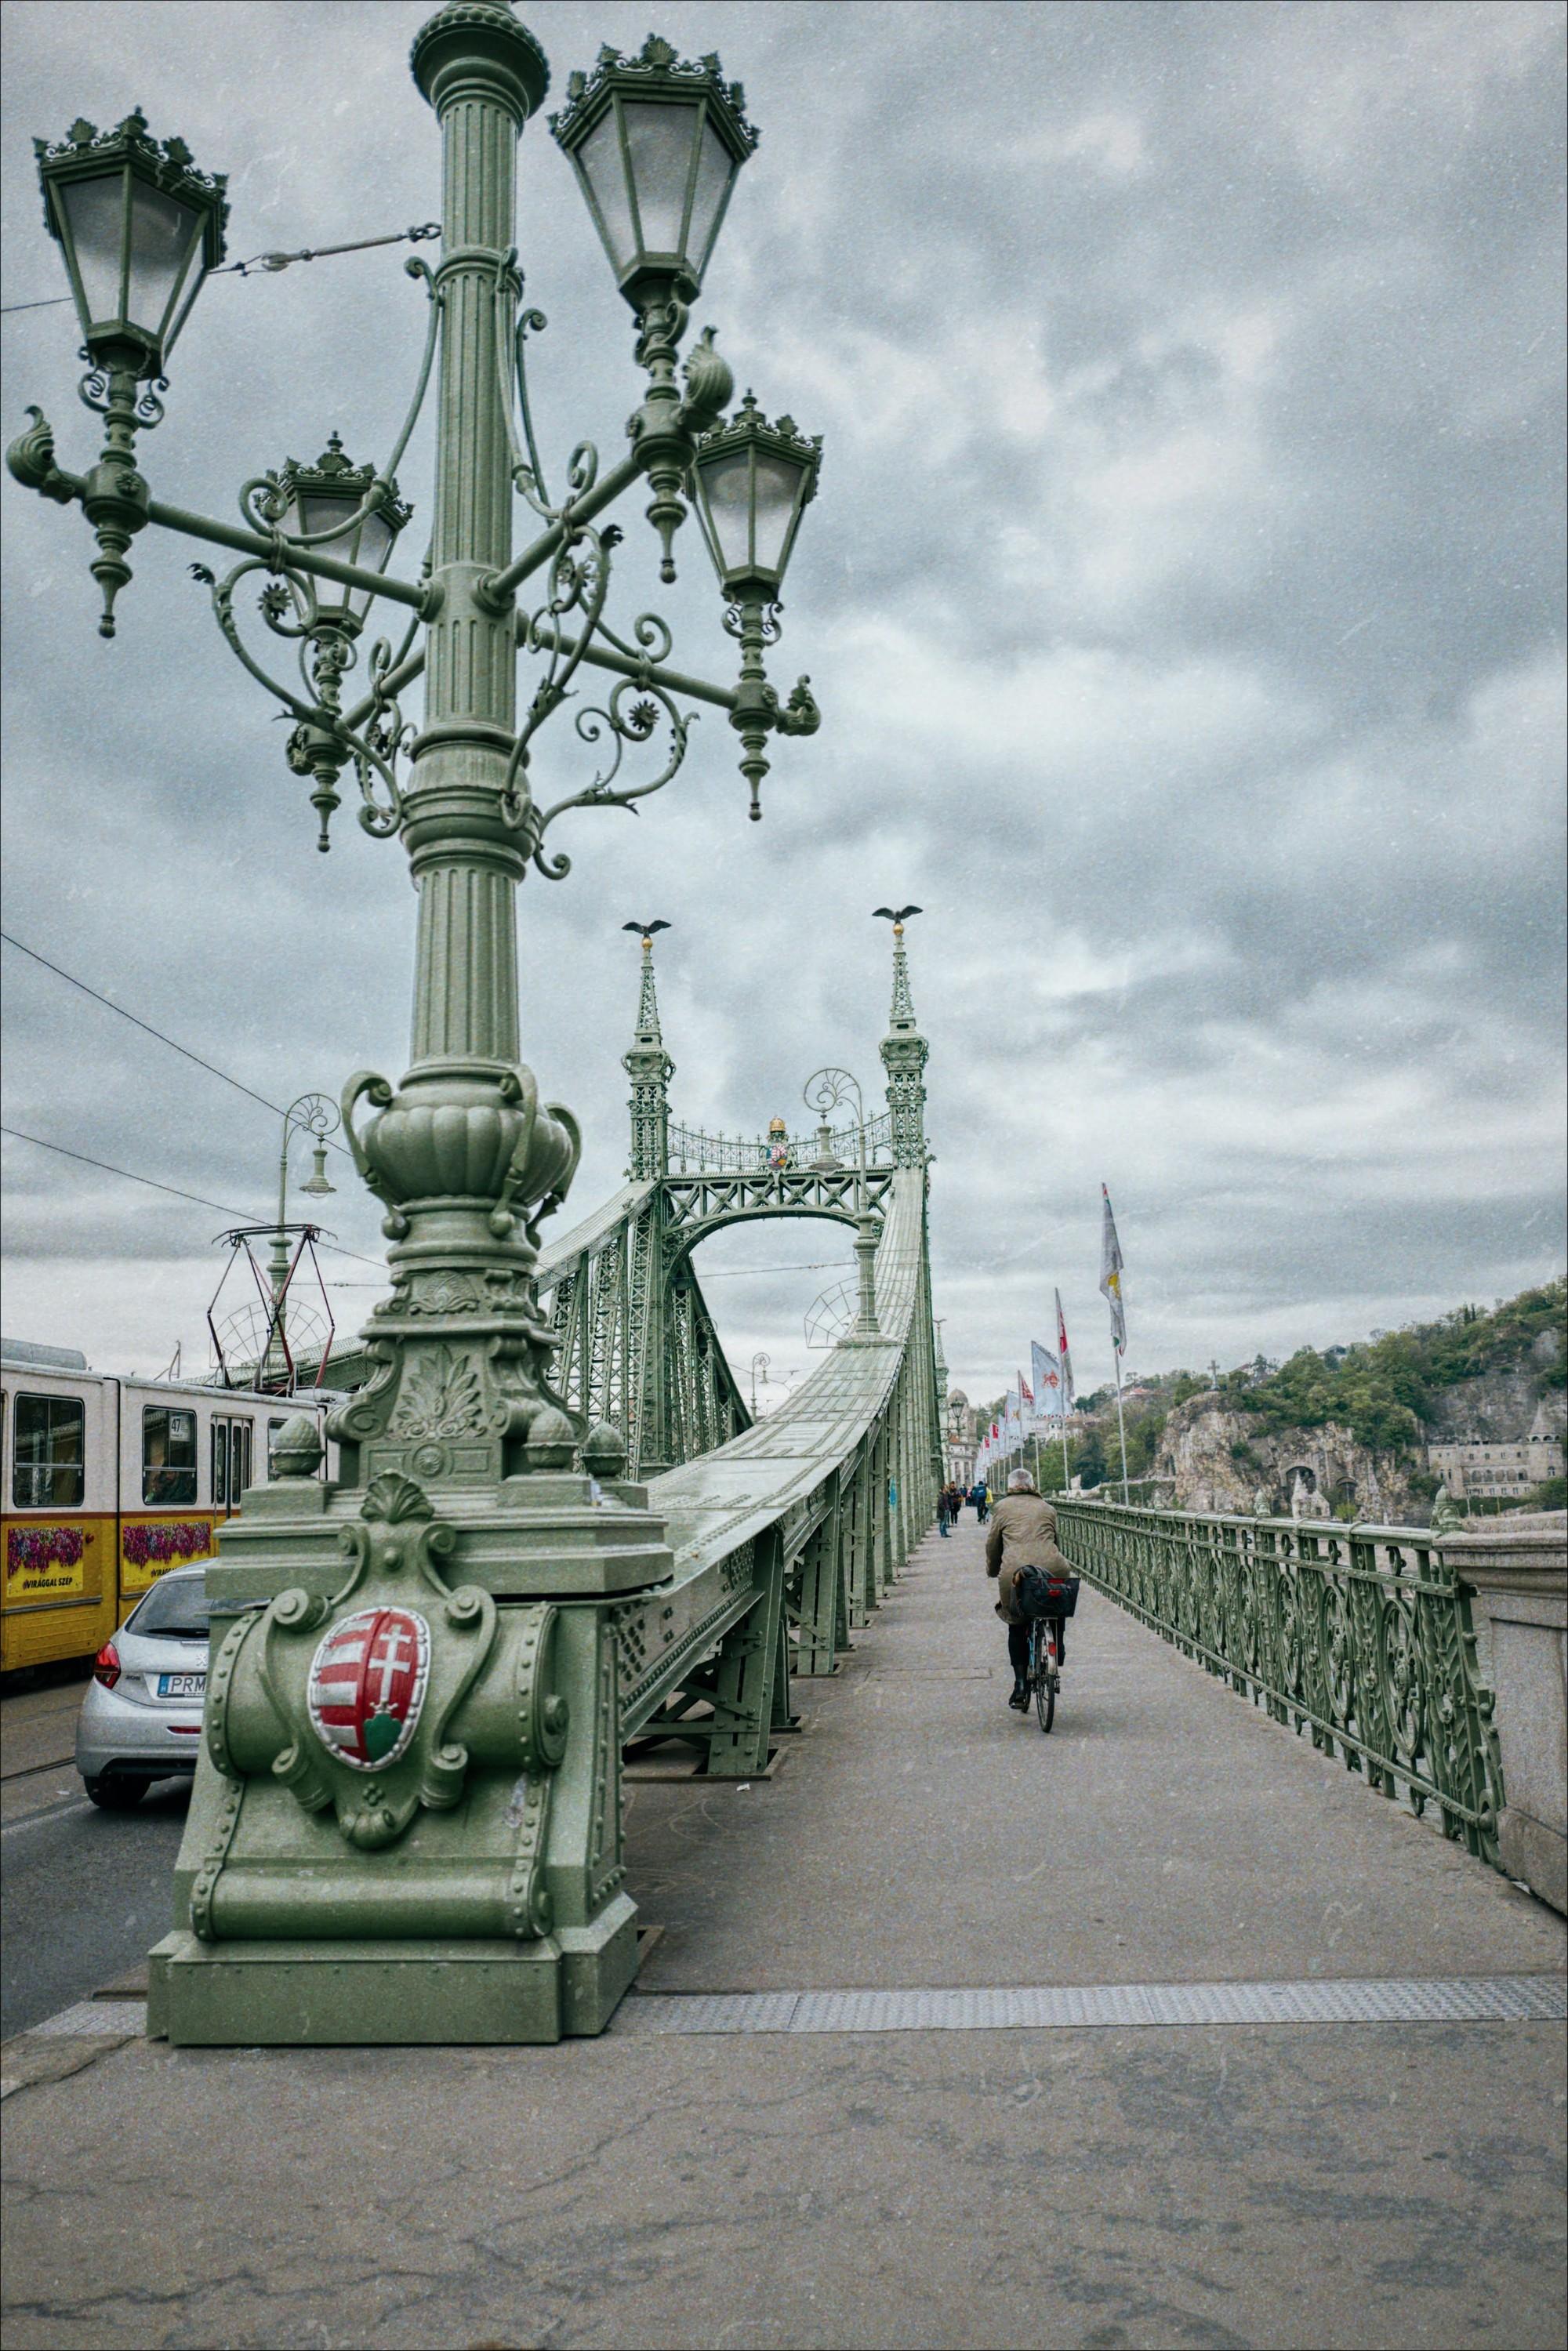 Theo chân anh bạn điển trai người Việt khám phá Budapest - thủ đô nổi tiếng đẹp như phim điện ảnh của Hungary - Ảnh 17.